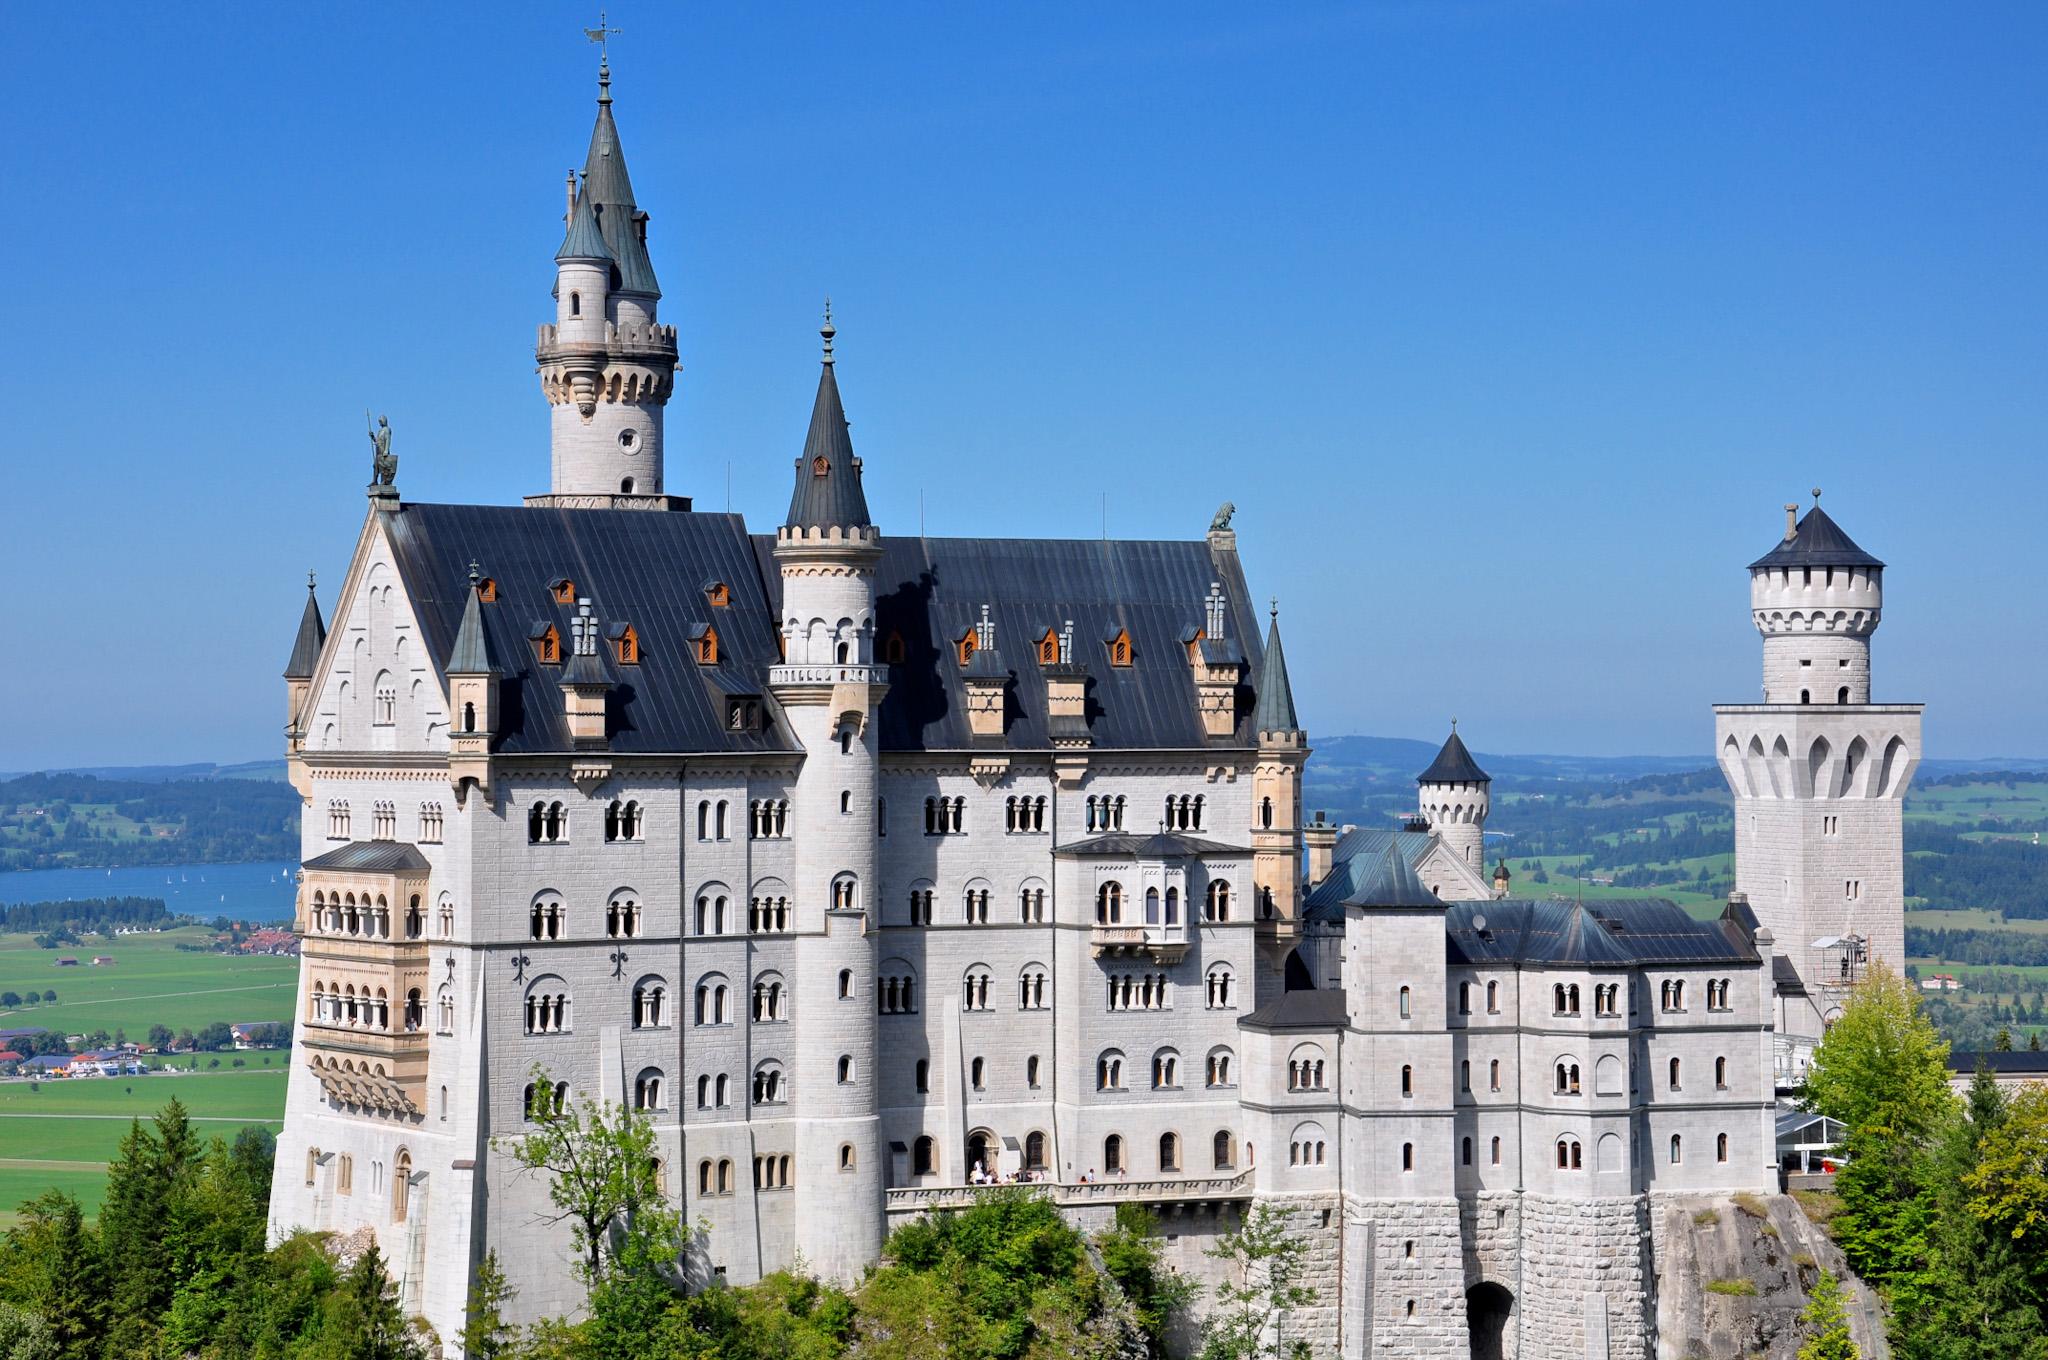 Germany: Neuschwanstein Castle